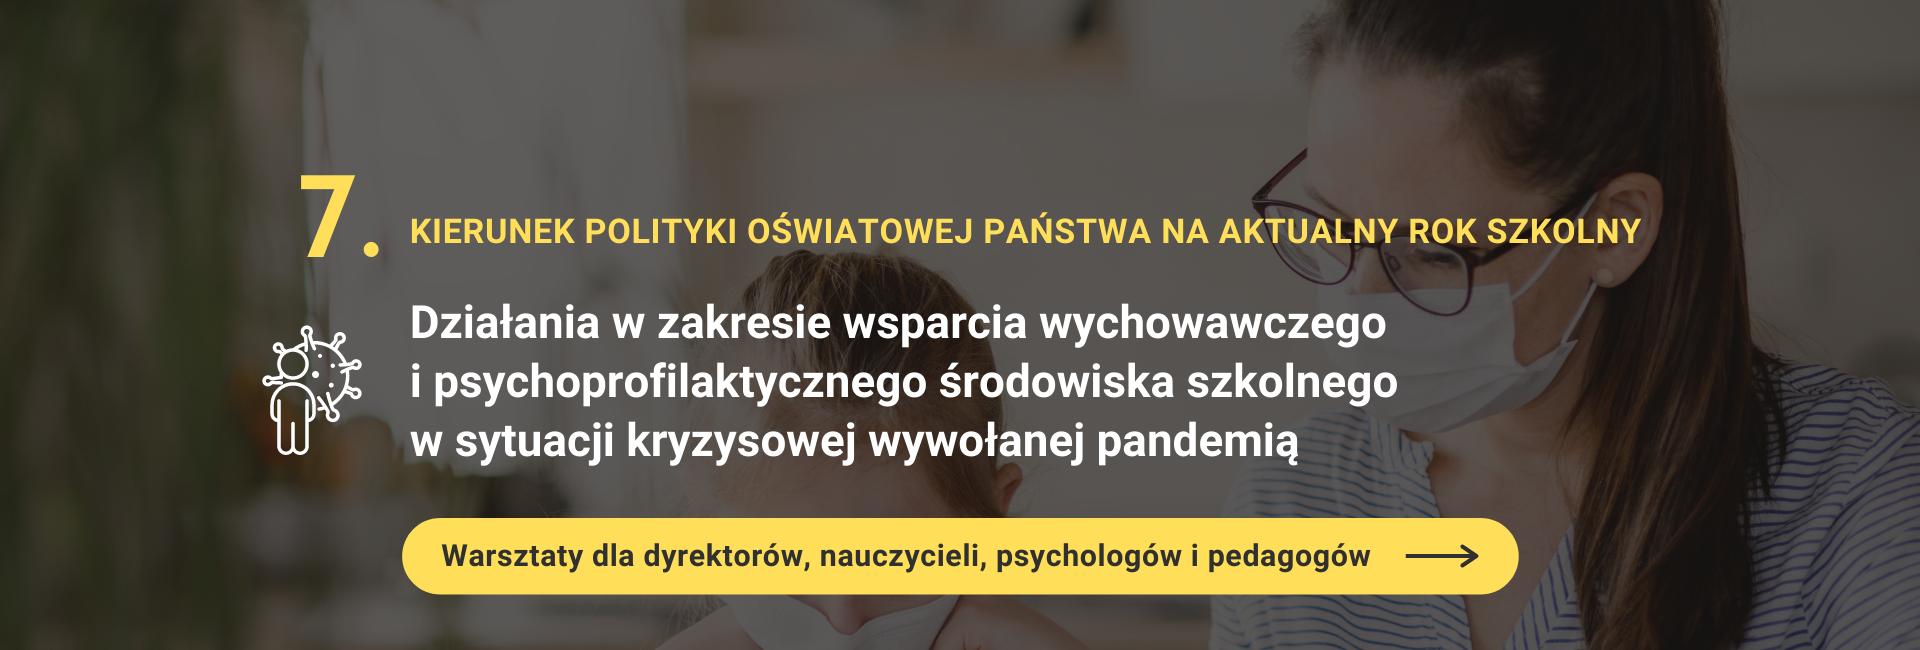 Warsztaty 7 kierunek polityki oświatowej państwa działania w zakresie wsparcia wychowawczego i psychoprofilaktycznego środowiska szkolnego w sytuacji kryzysowej wywołanej pandemią